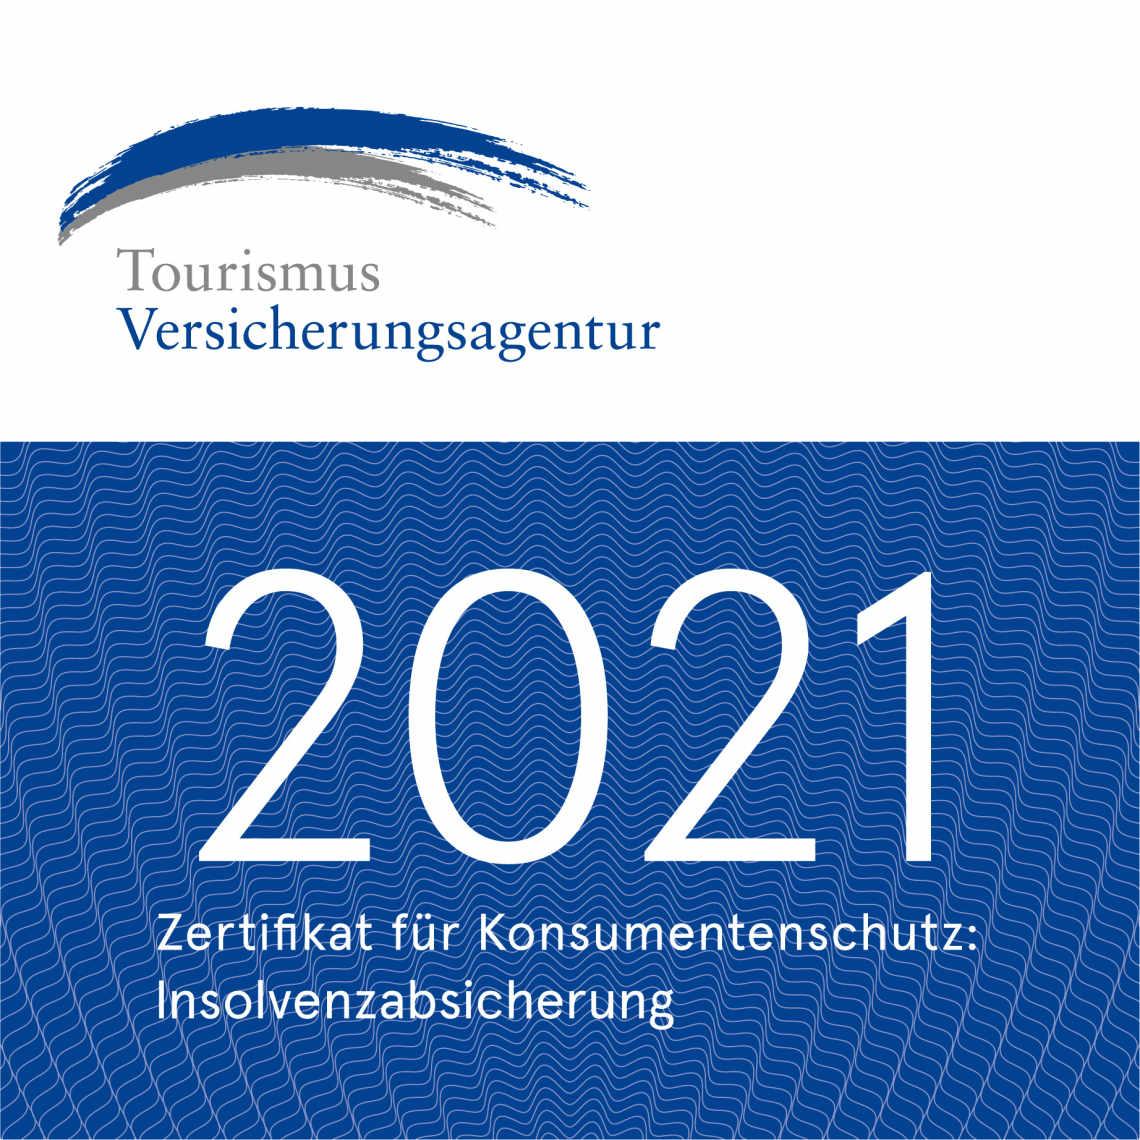 Zertifikat für Konsumentenschutz: Insolvenzabsicherung - Tourismus Versicherungsagentur